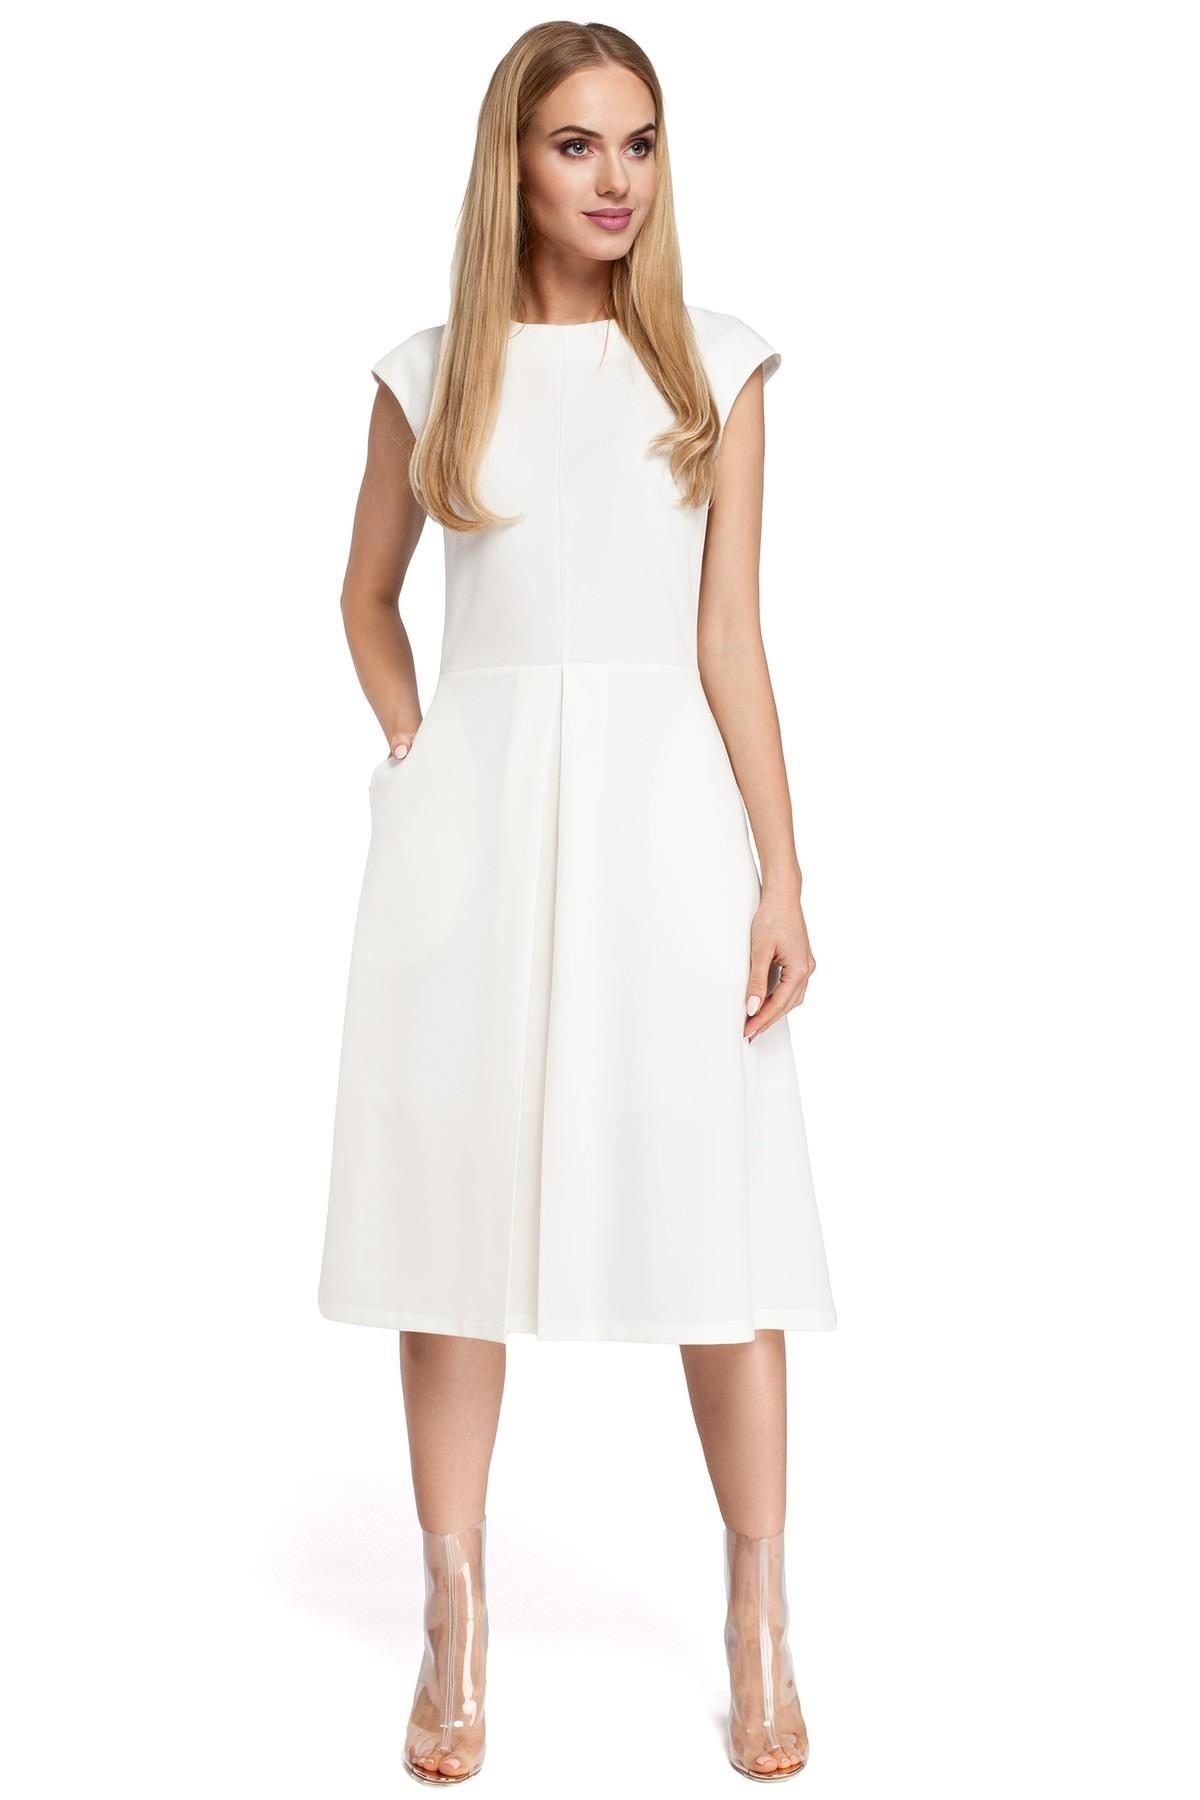 17 Fantastisch Kleid Midi ÄrmelDesigner Top Kleid Midi Spezialgebiet